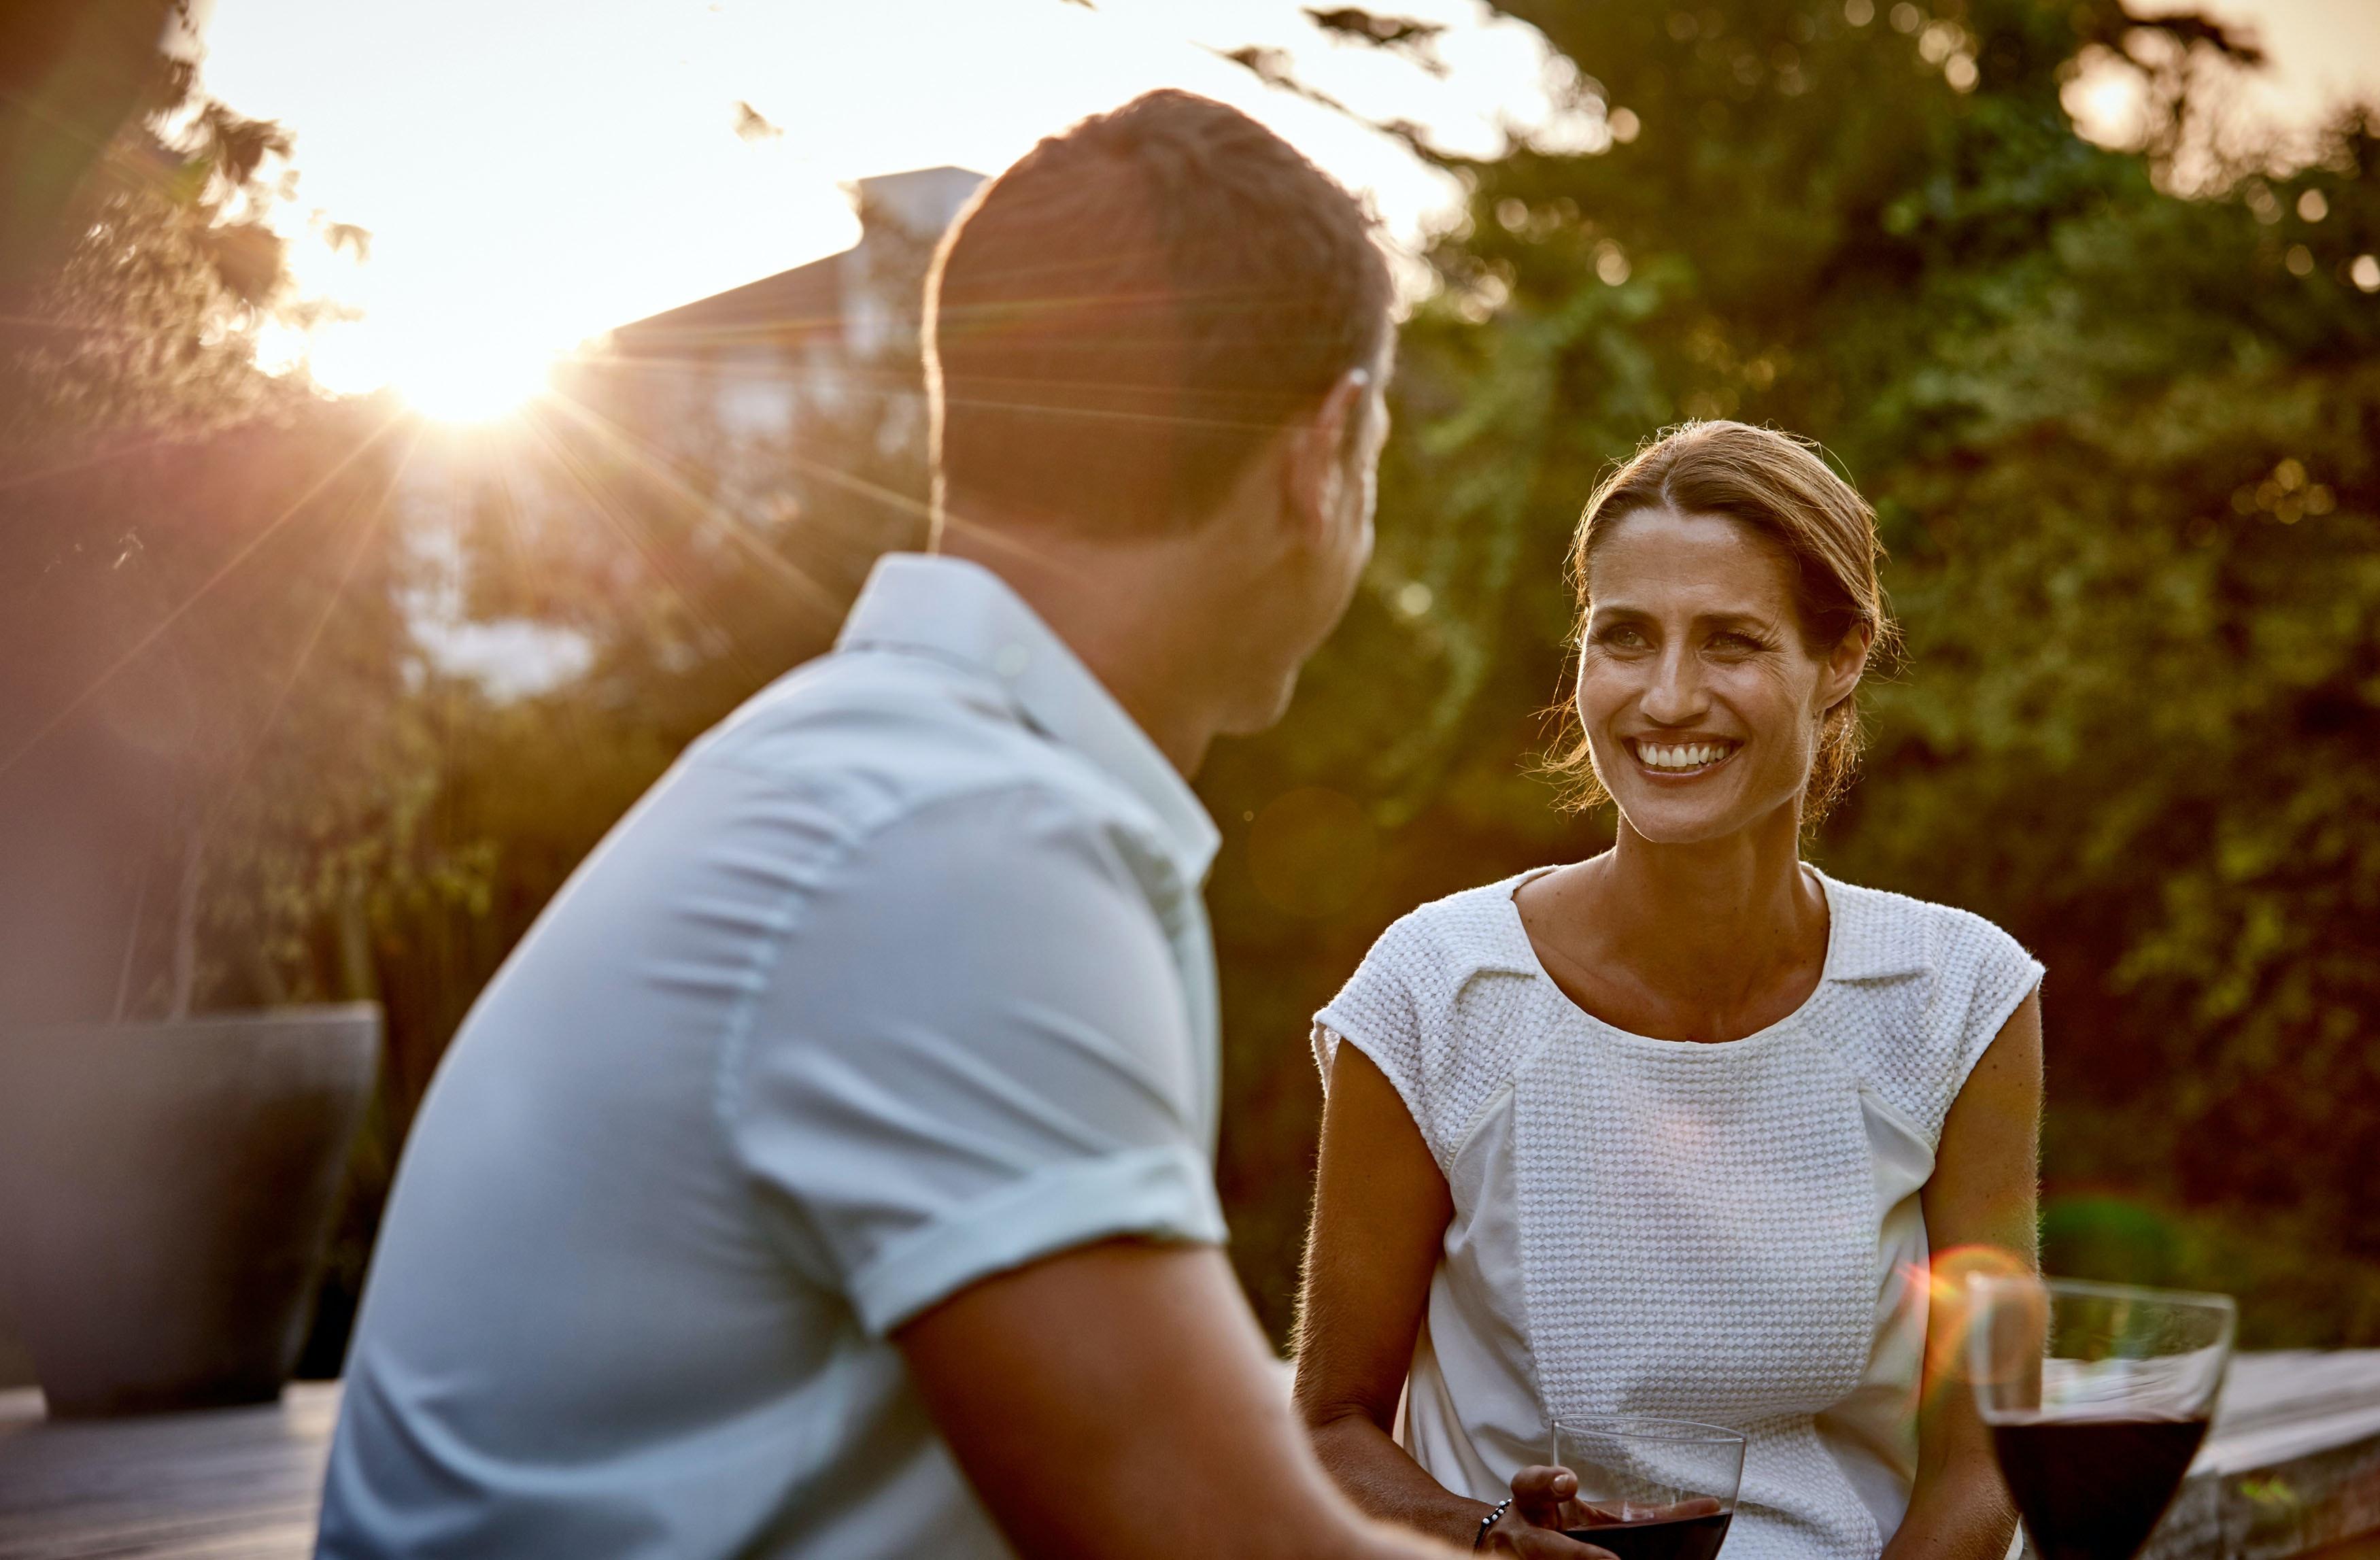 voksen dating nettsted for modne menn eldre 40